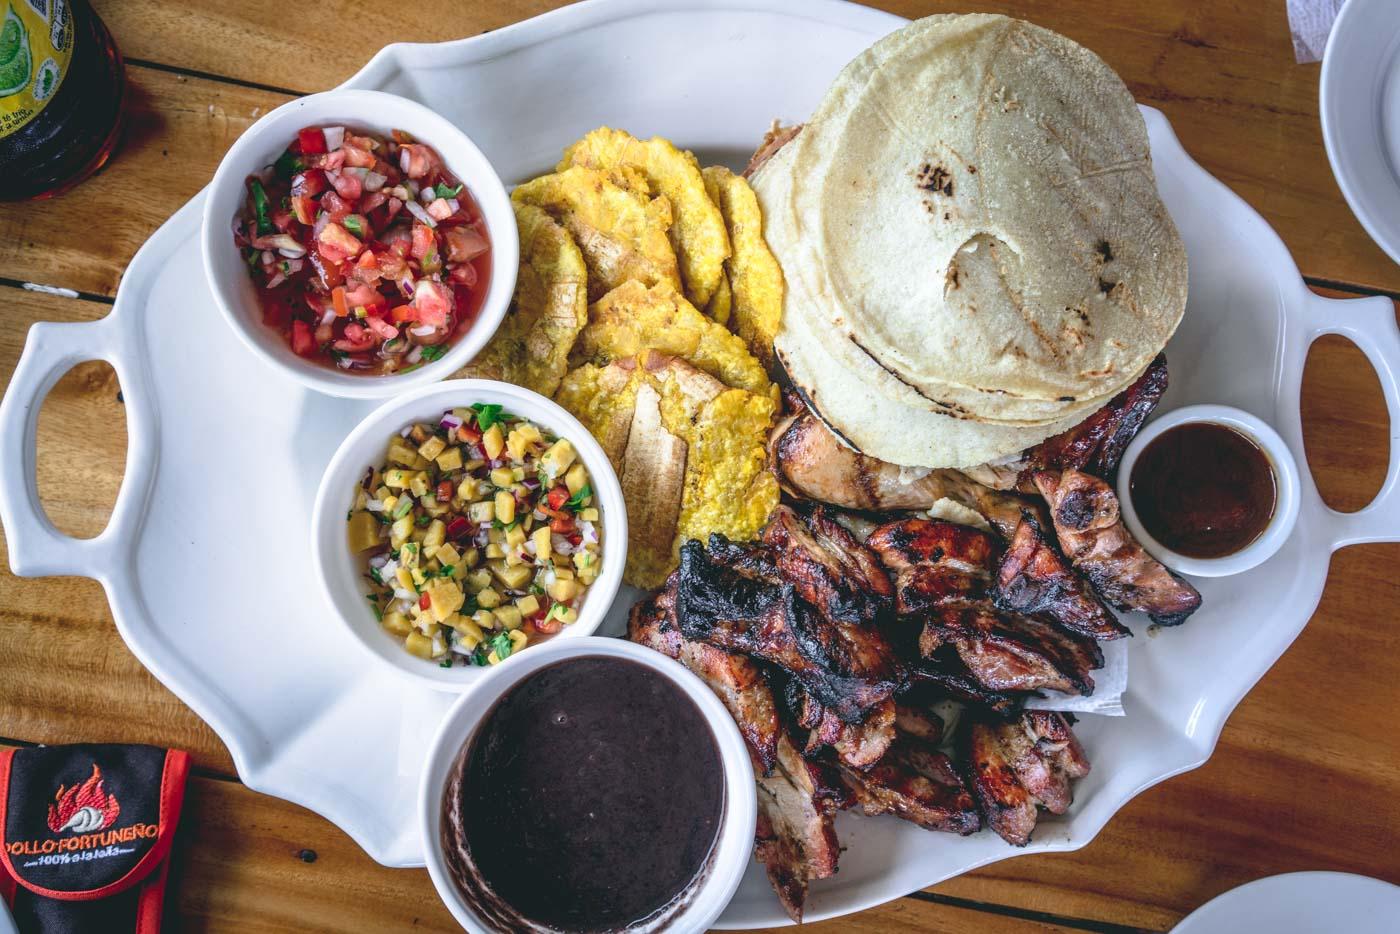 Arenal Costa Rica: Meat platter at Pollo Fortuneno, La Fortuna